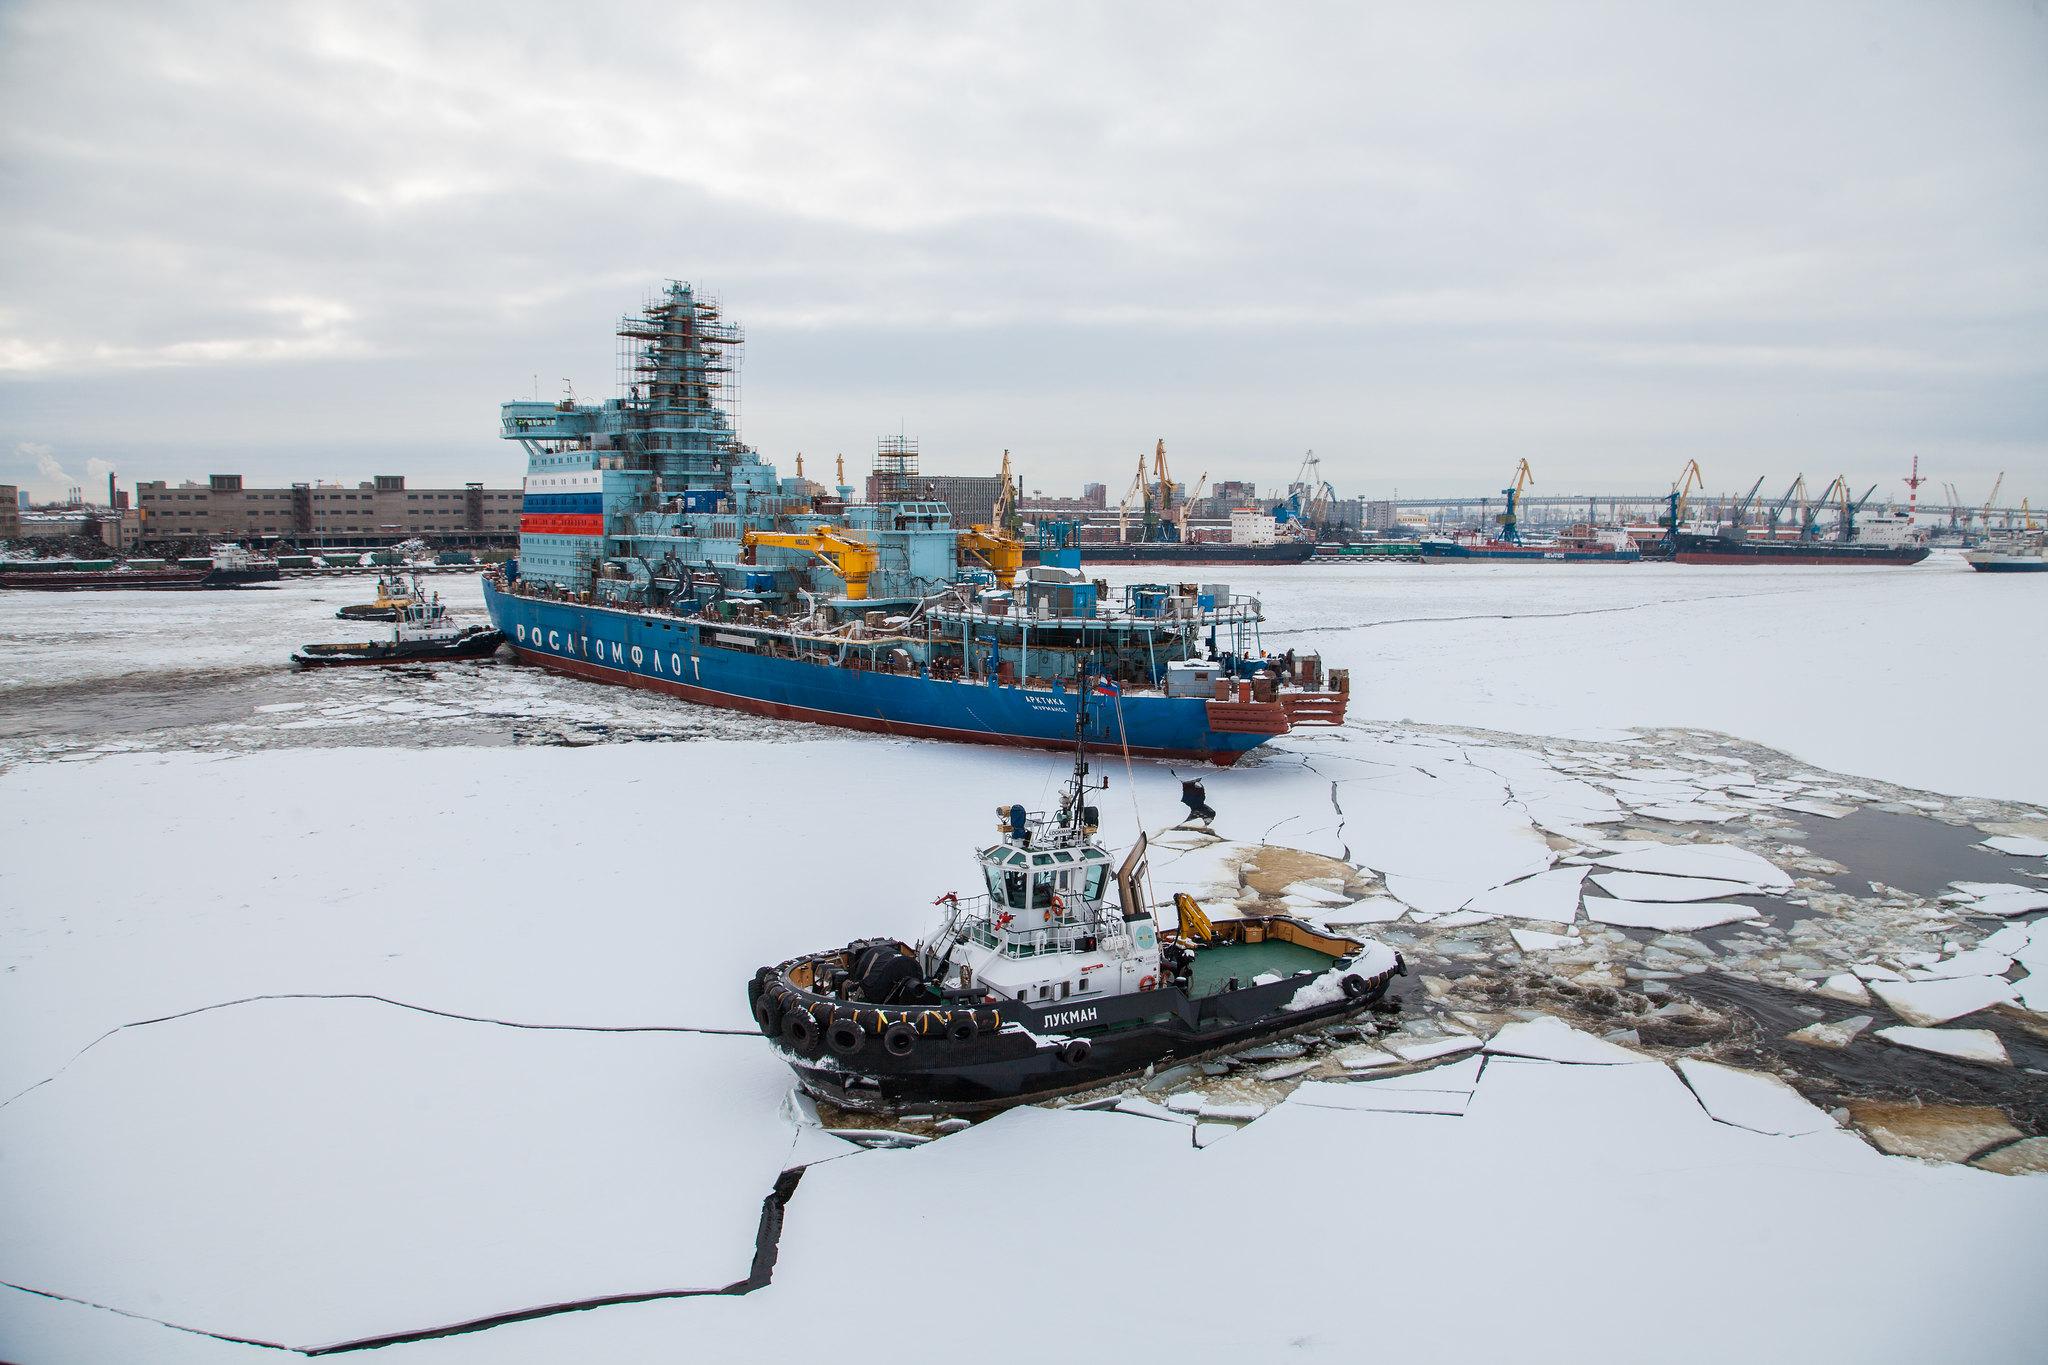 jaderná energie - Video: Ledoborec Arktika připlul do Murmansku - Jádro na moři (Ledoborec Arktika v Petrohradě) 2